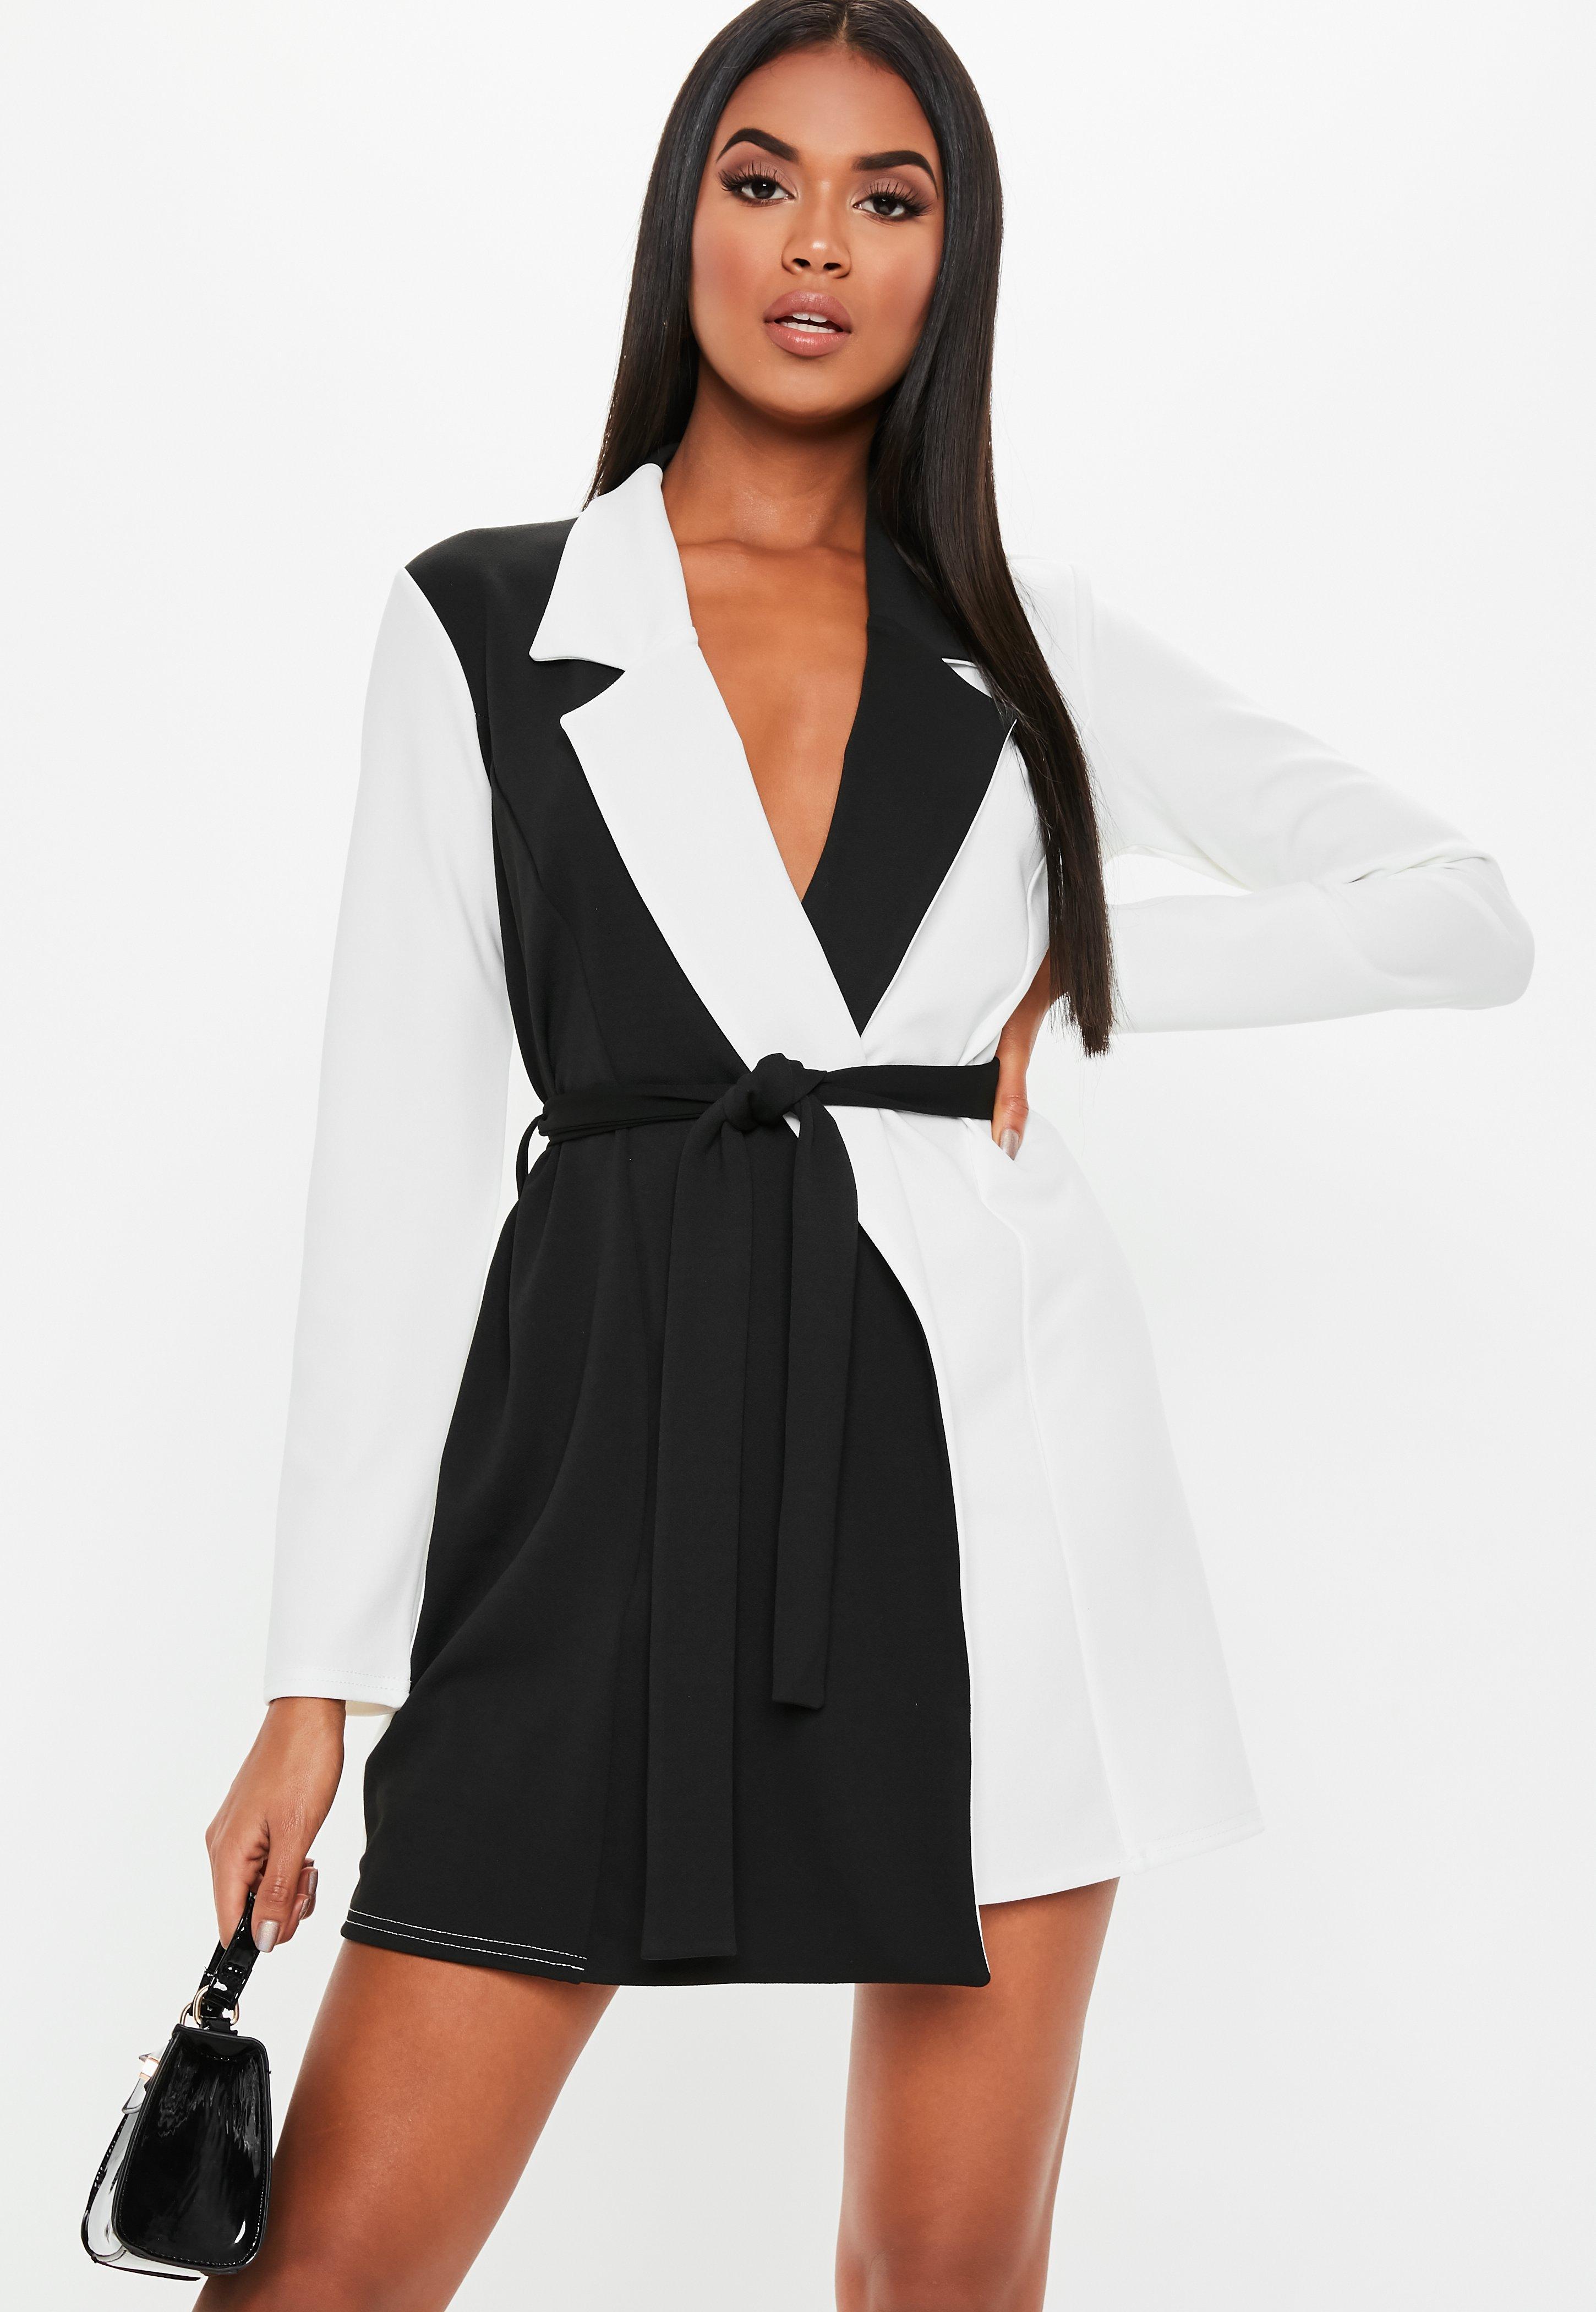 de463ca3a4 Long Sleeve Dresses